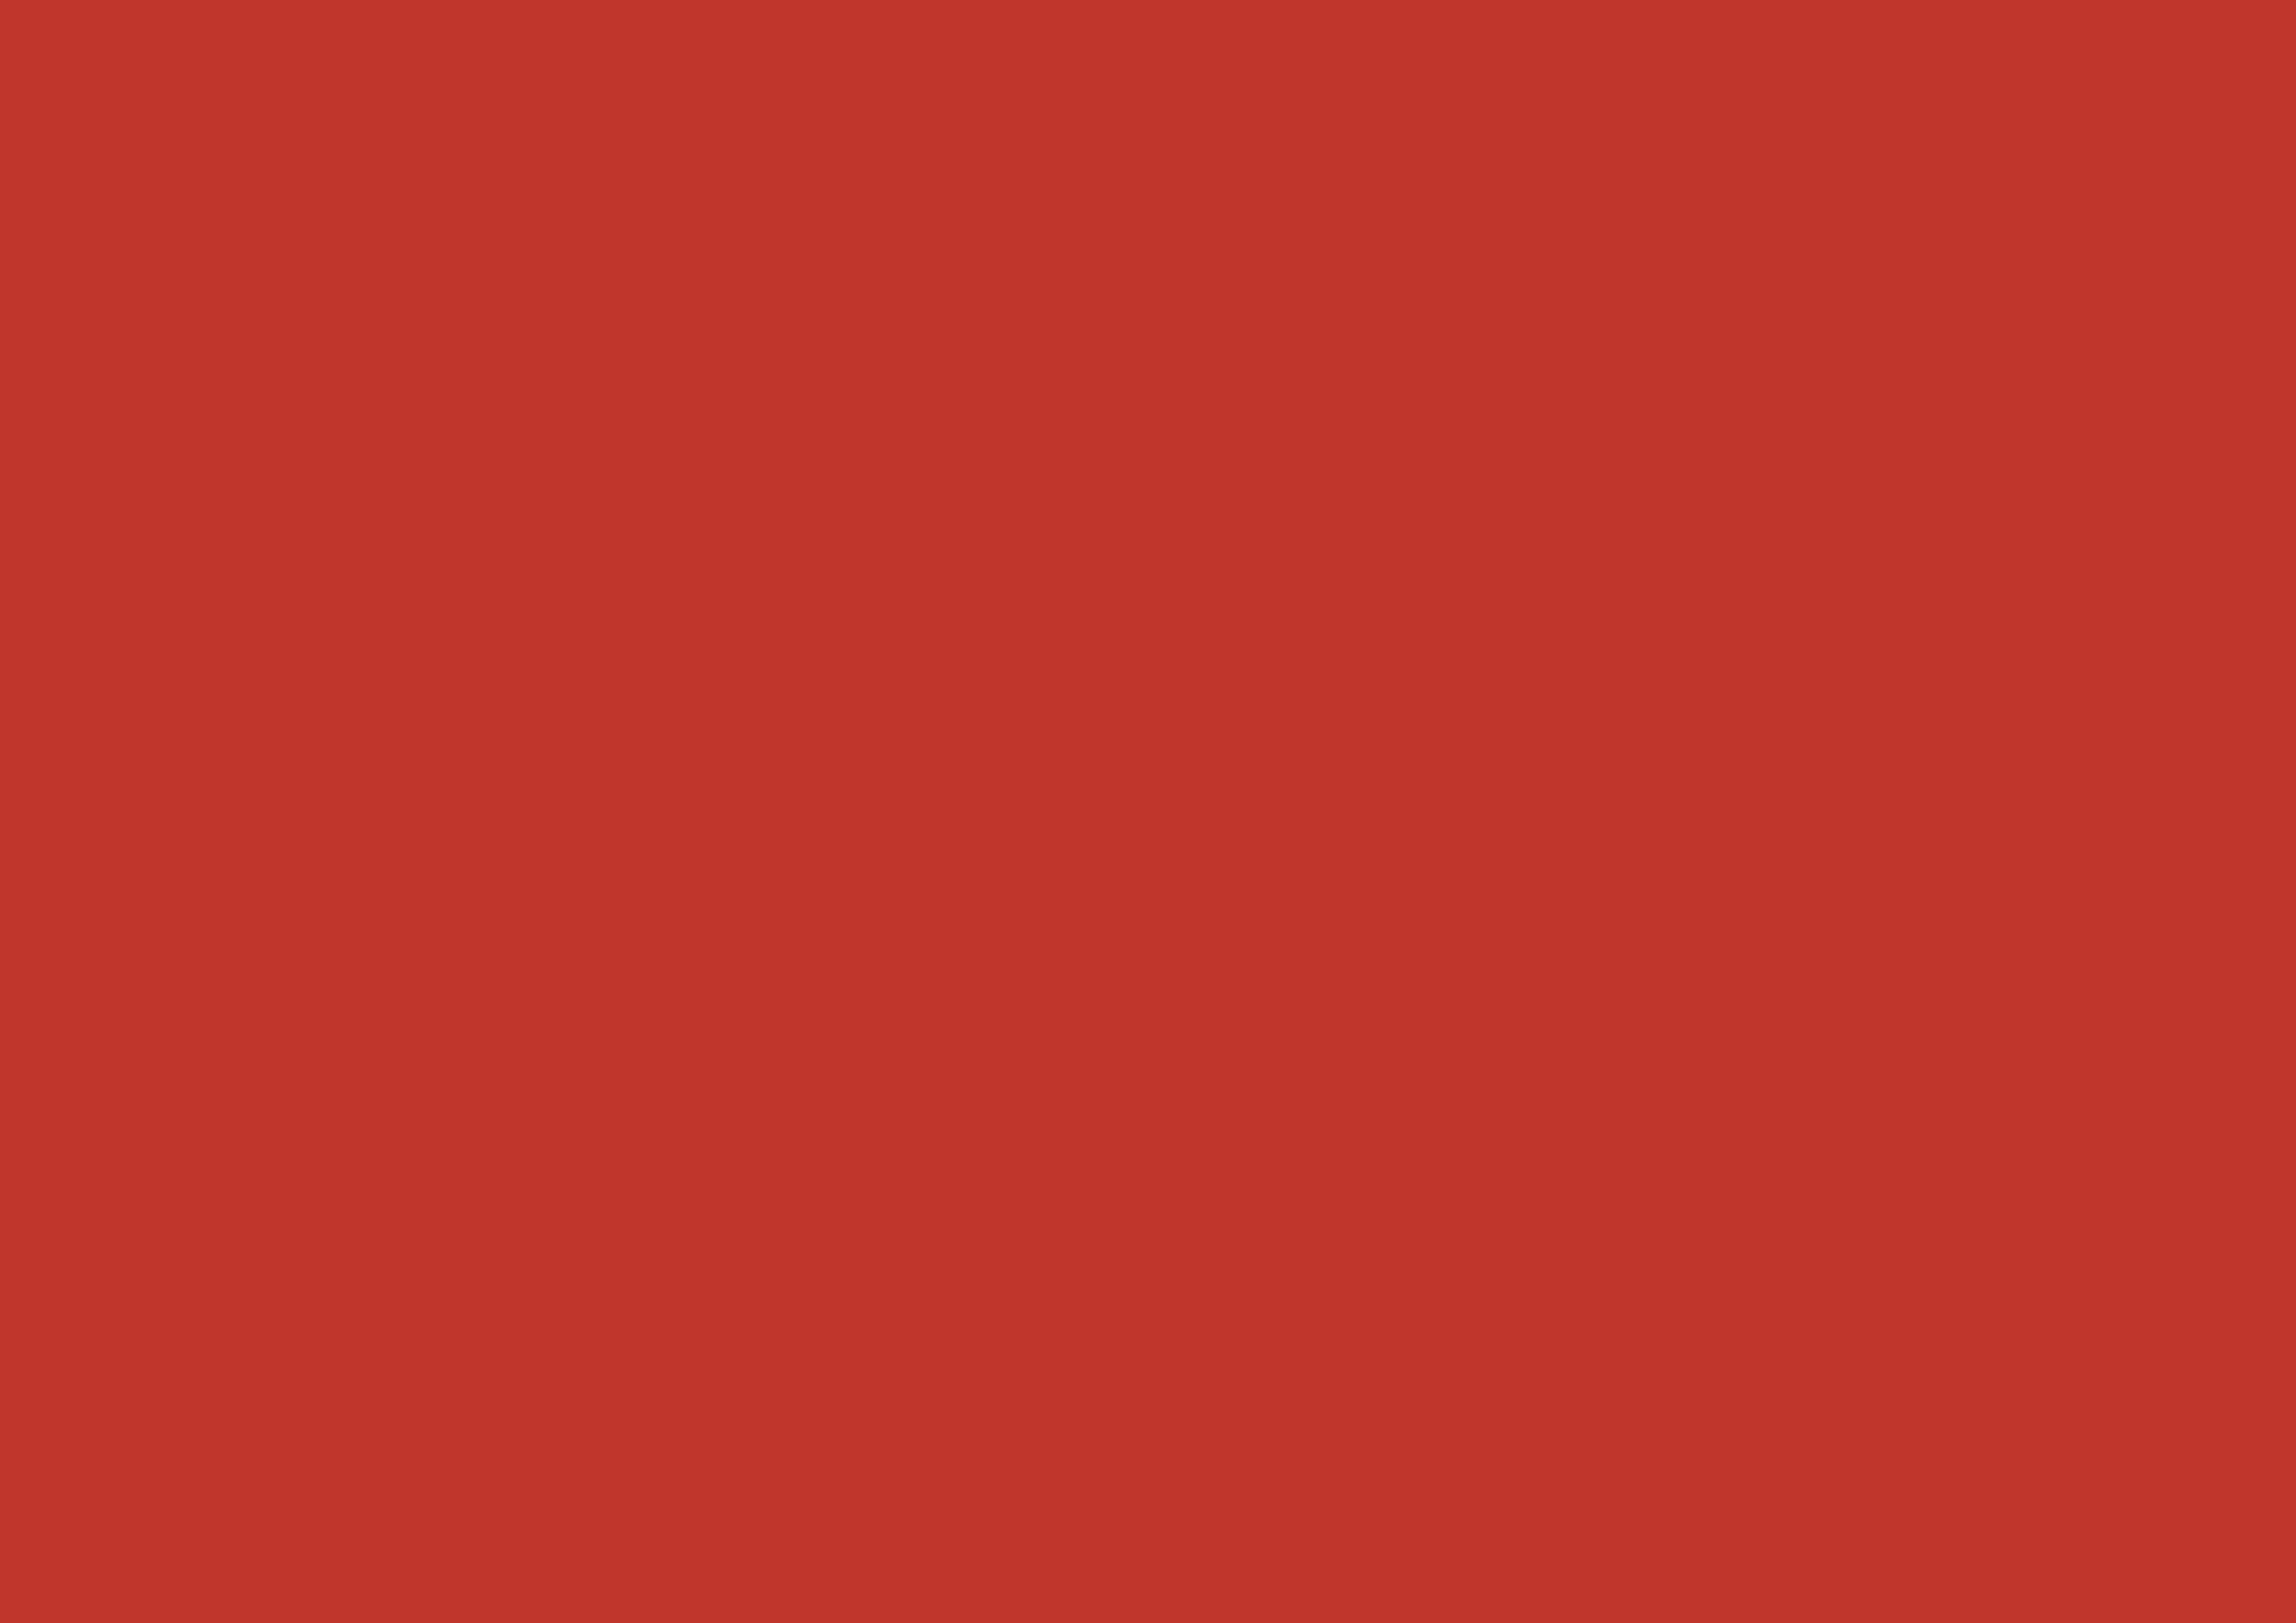 3508x2480 International Orange Golden Gate Bridge Solid Color Background